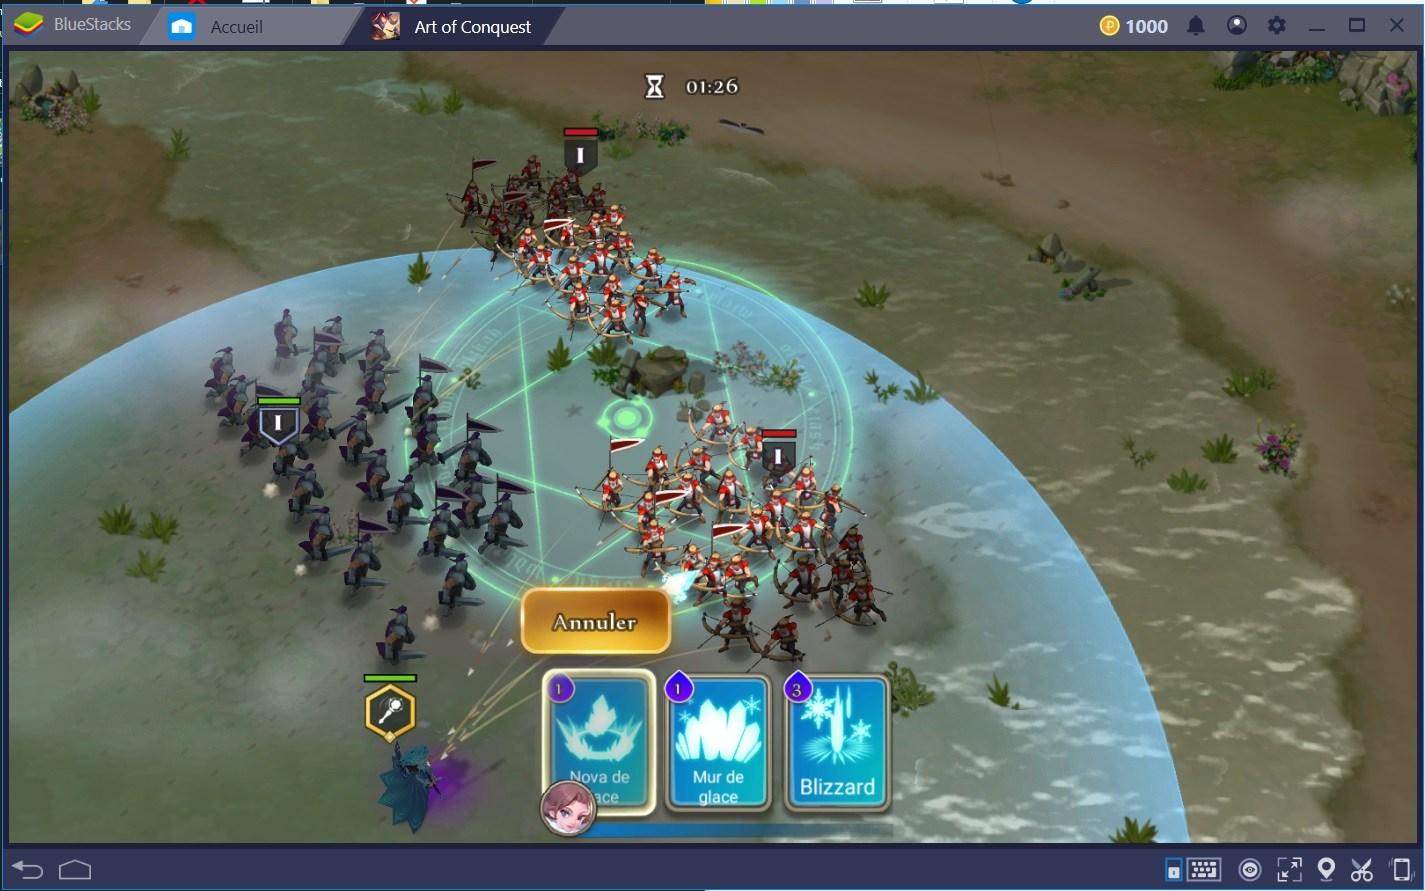 Art of Conquest: Conseils et Astuces